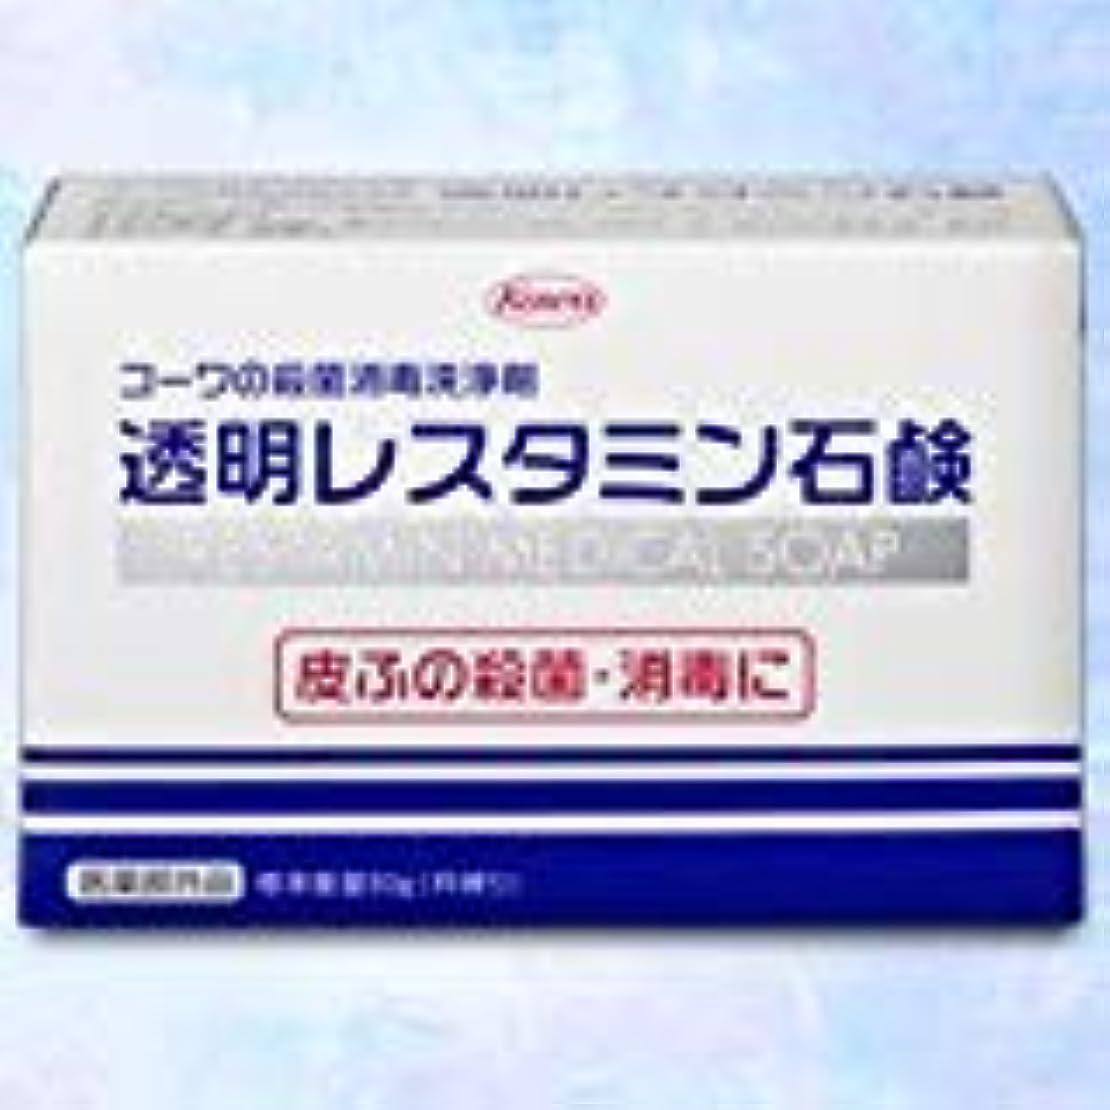 精算メイン服を洗う【興和】コーワの殺菌消毒洗浄剤「透明レスタミン石鹸」80g(医薬部外品) ×3個セット